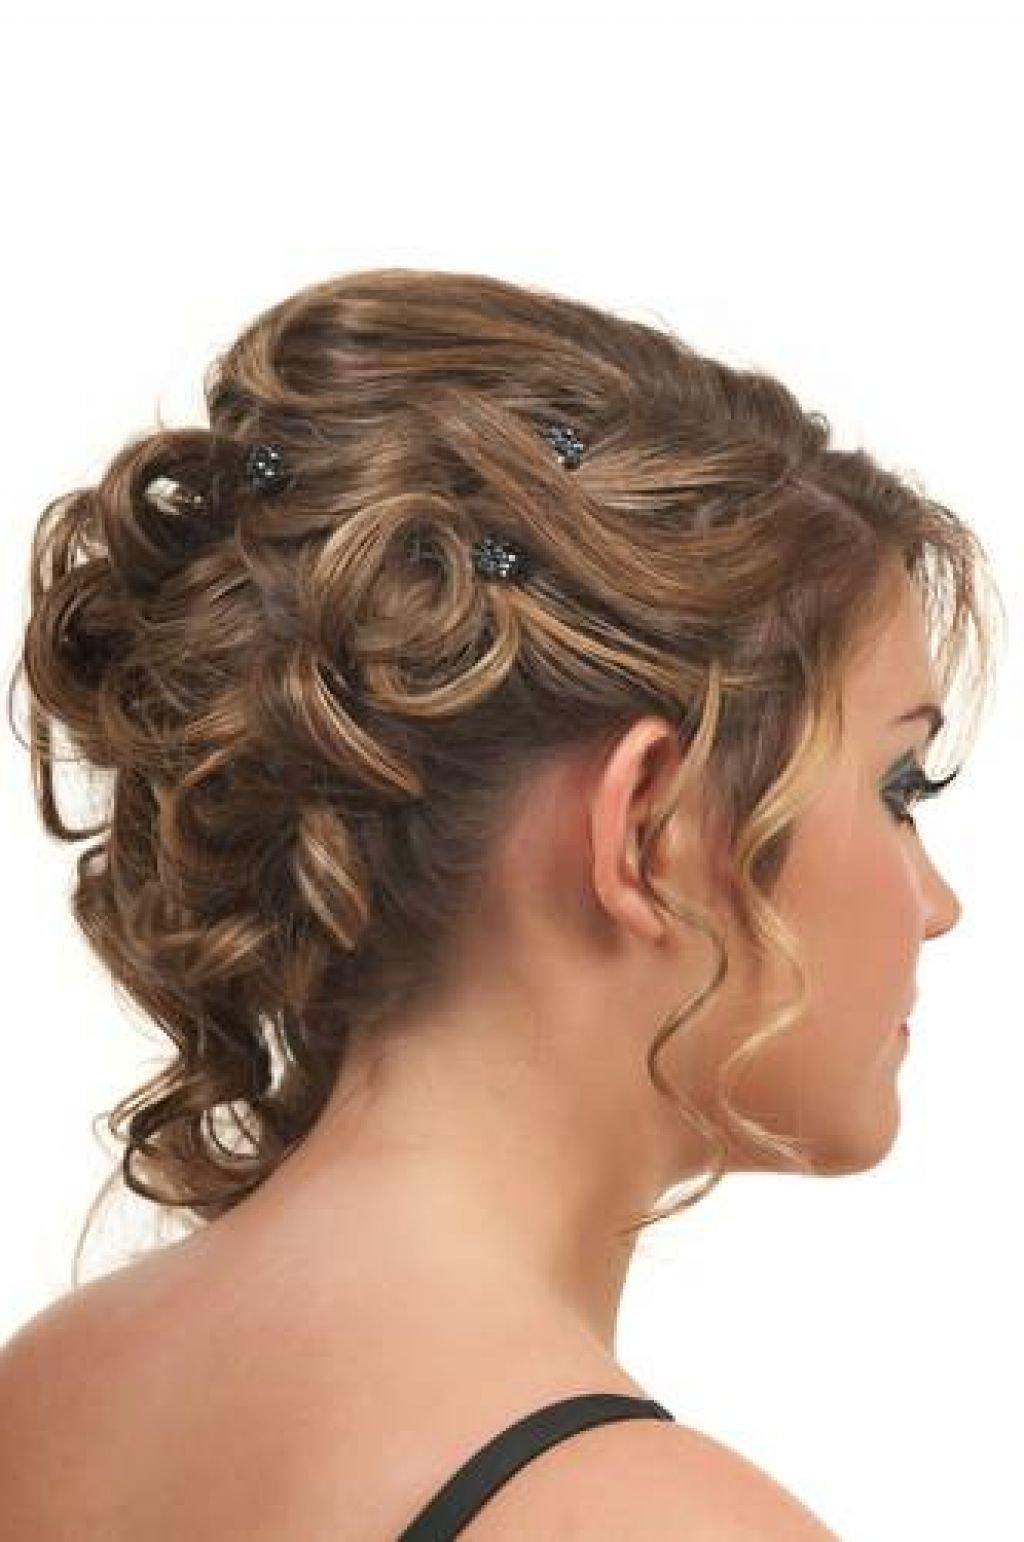 Вечерние причёски кудри на средние волосы